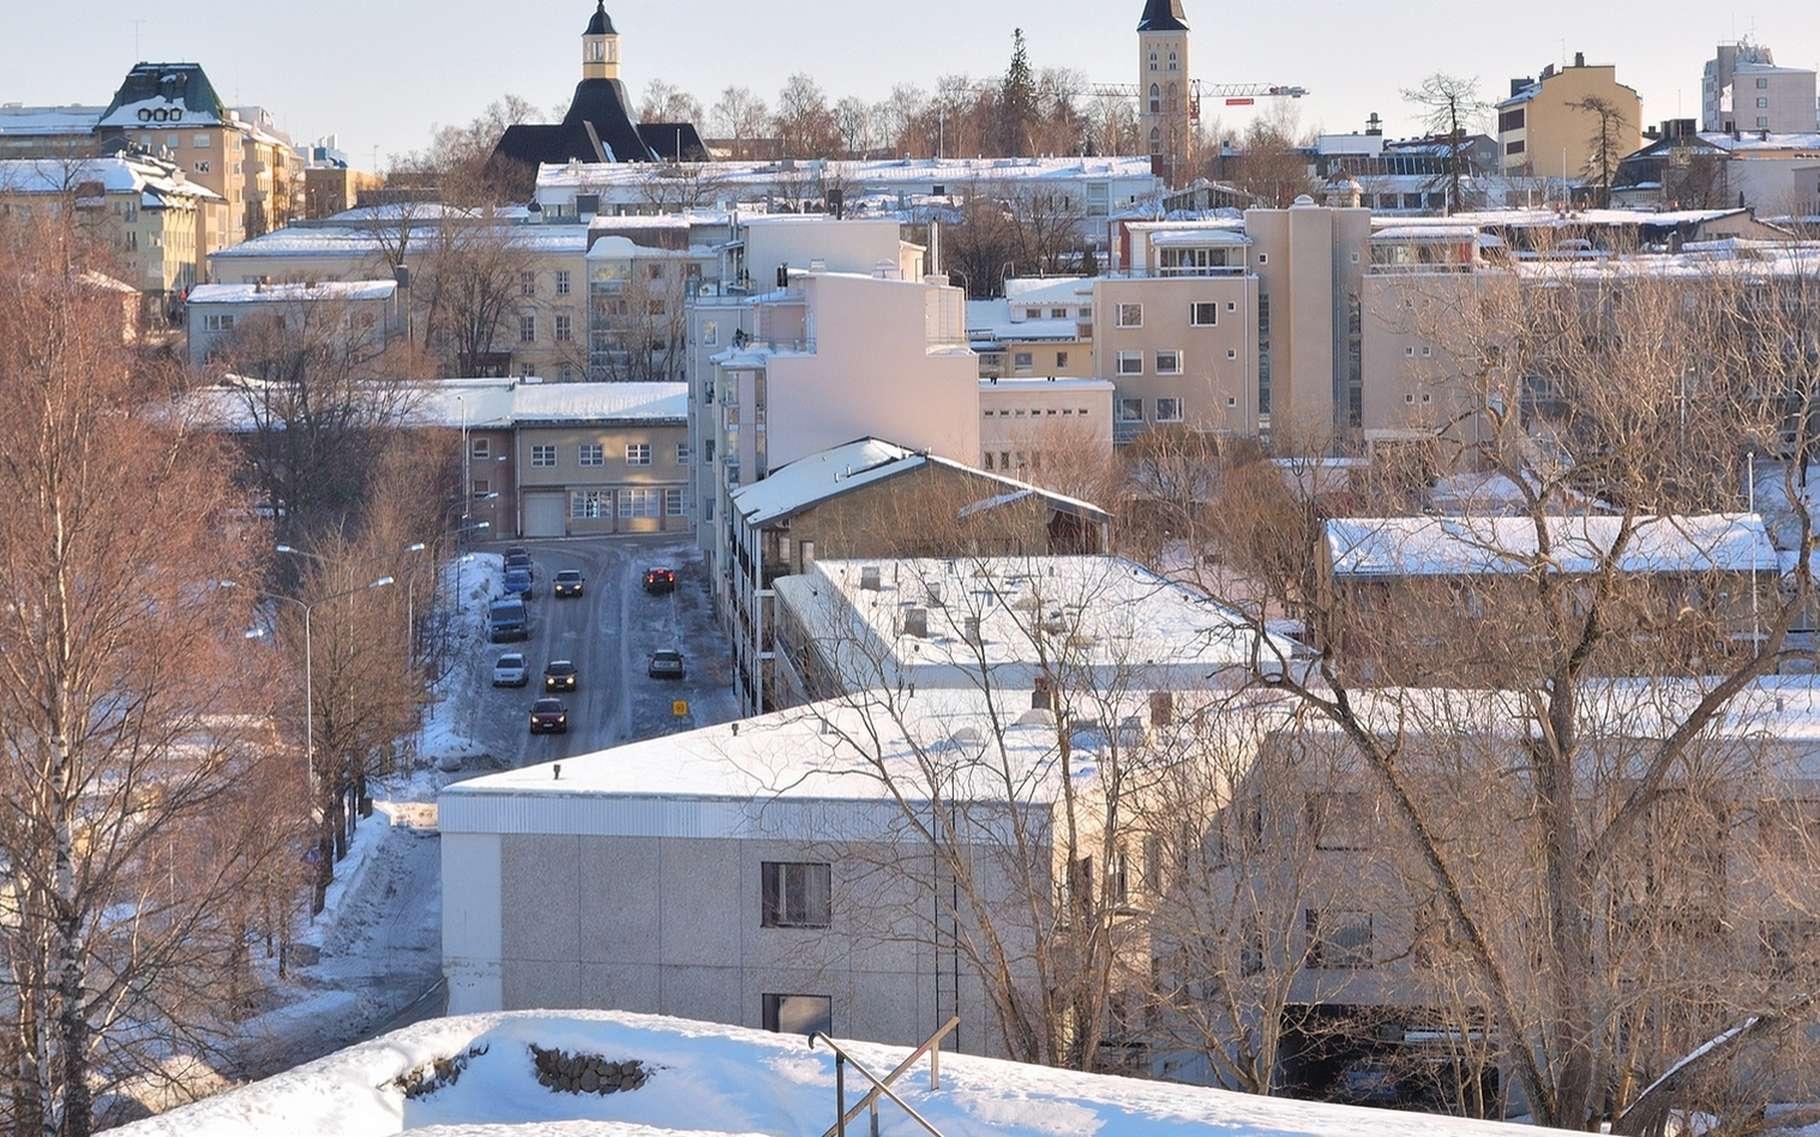 Dans la ville de Lappeenranta, en Finlande, deux immeubles ont été privés de chauffage suite à une attaque informatique qui visait l'infrastructure à laquelle était connecté l'ordinateur chargé de réguler la température et l'eau chaude. © Estea, Shutterstock